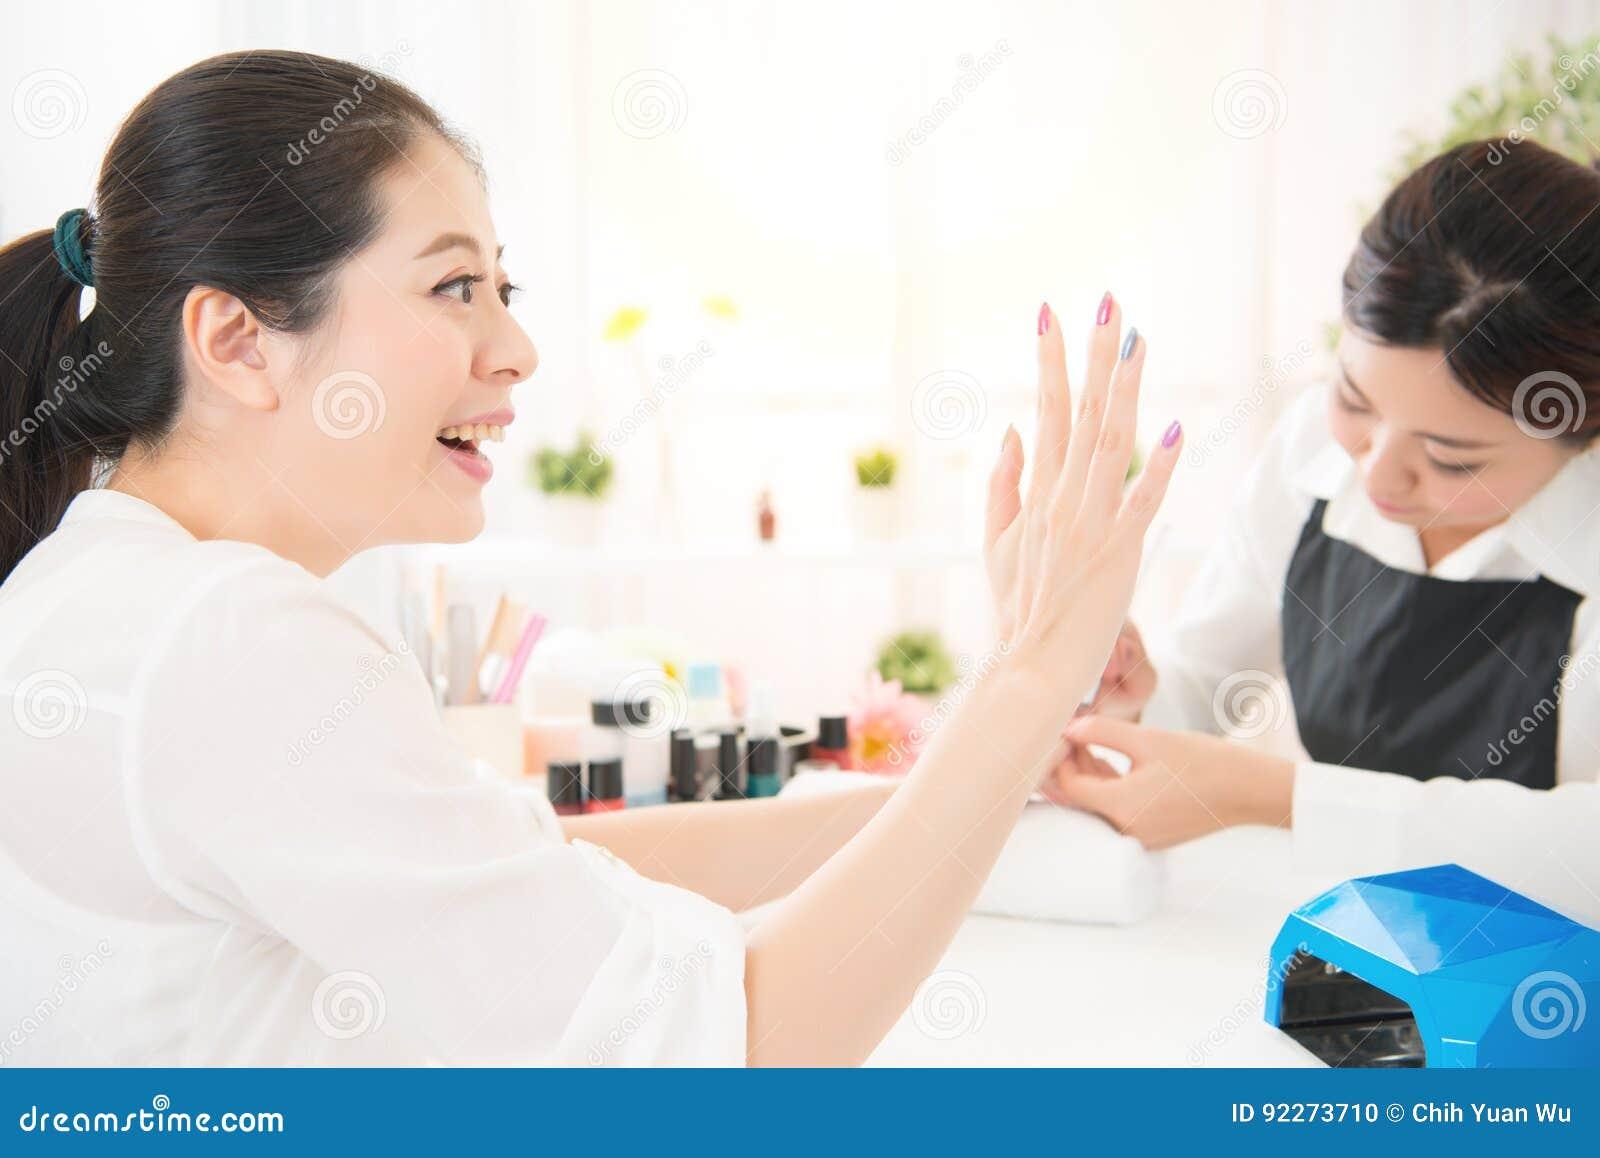 La femme enthousiaste aiment sa nouvelle manucure faite